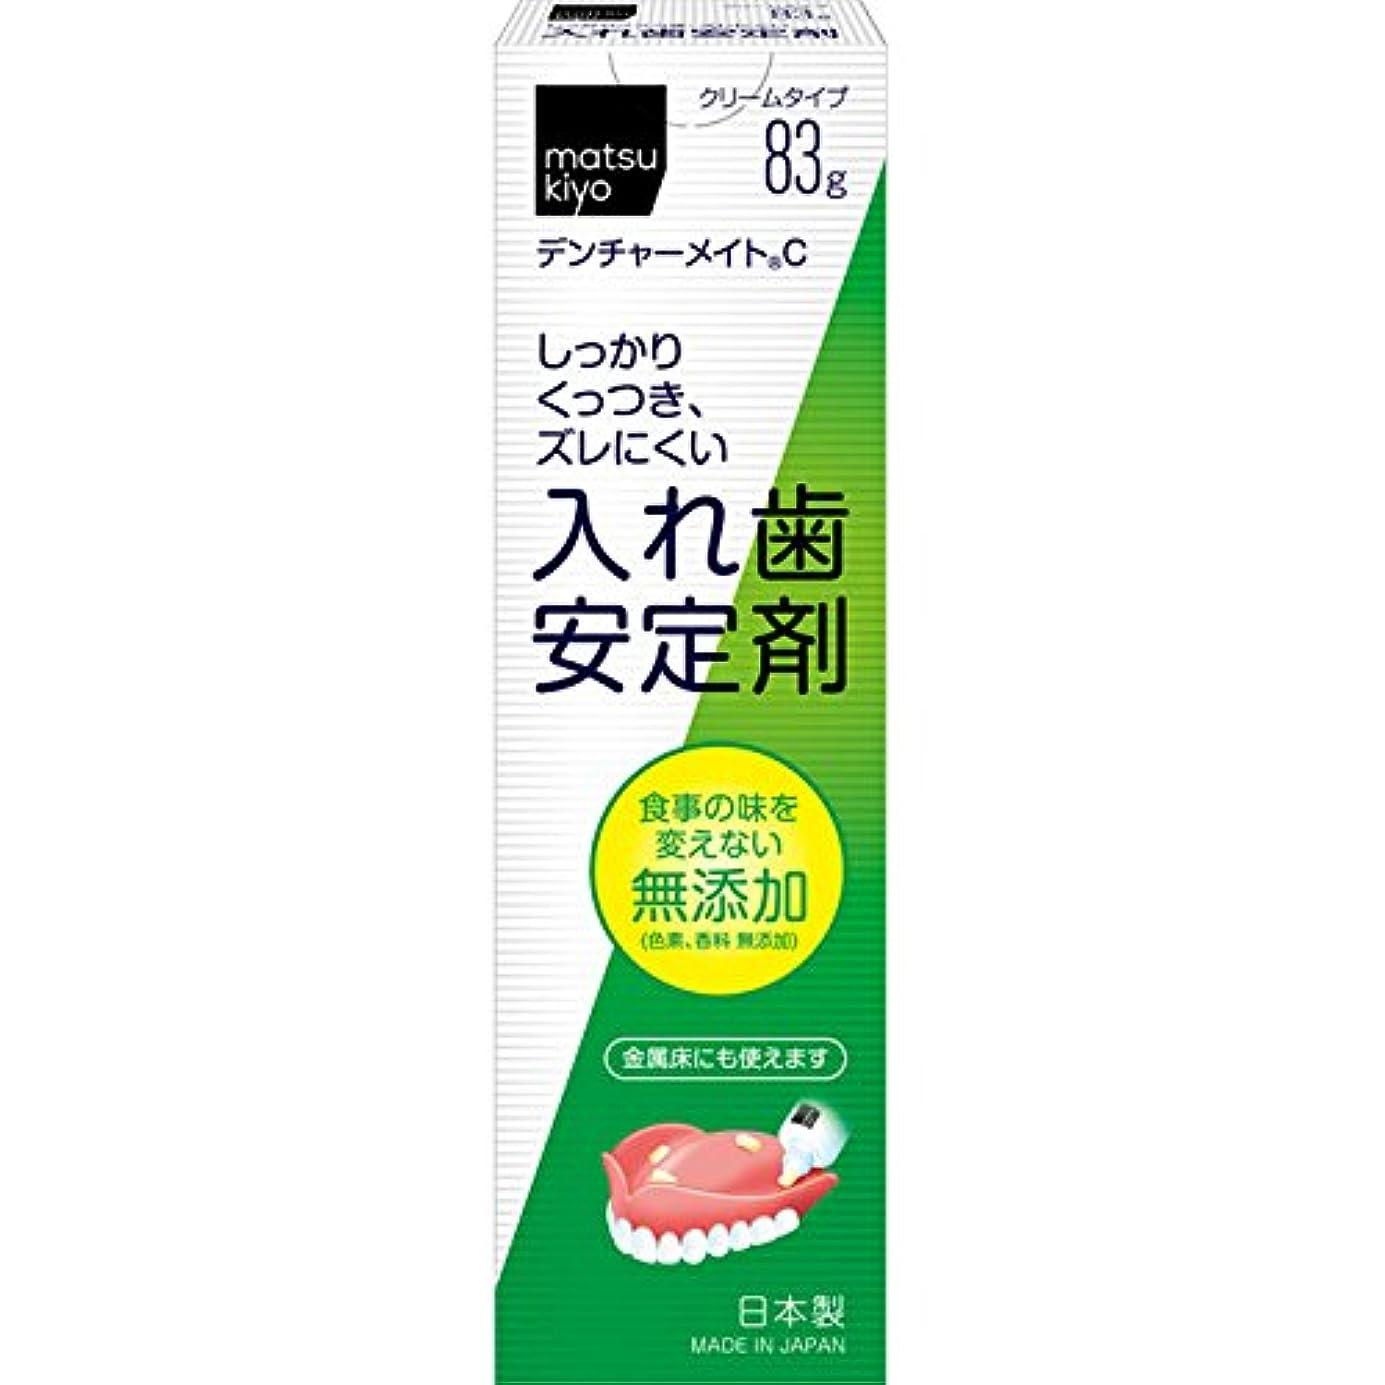 コンバーチブルラショナル期待するmatsukiyo 入れ歯安定剤 無添加 83g